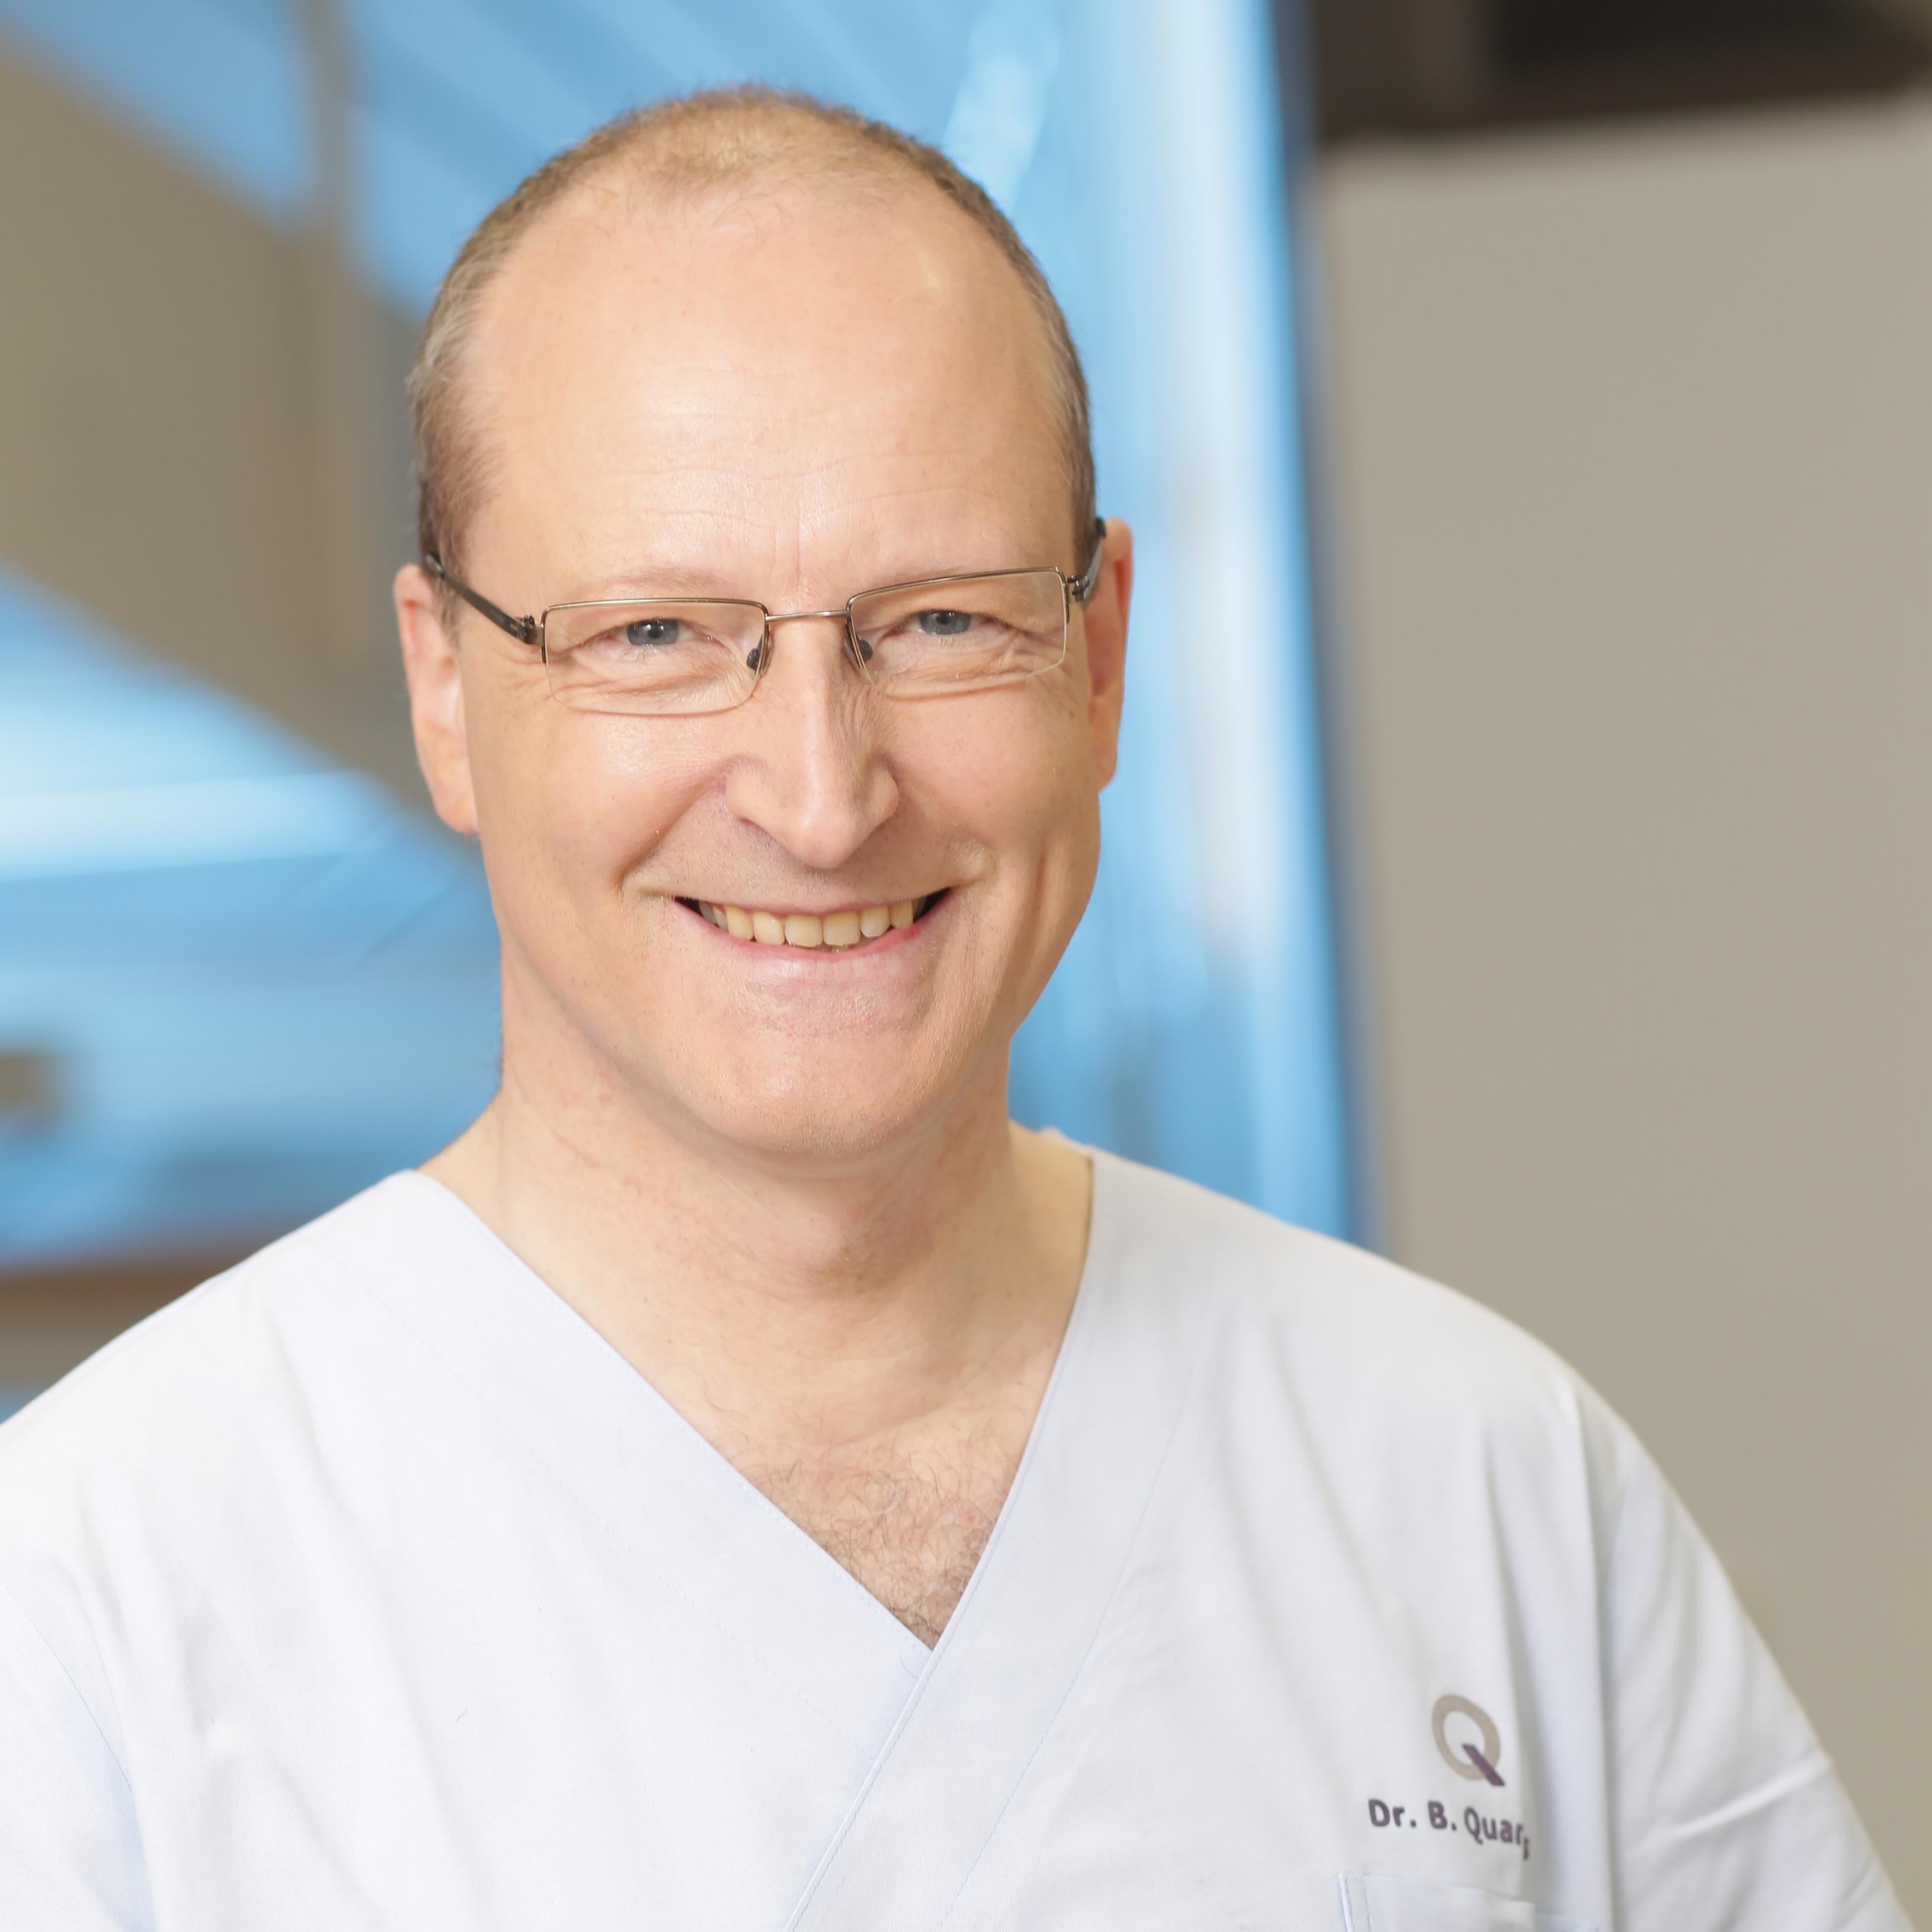 Bernd Quantius